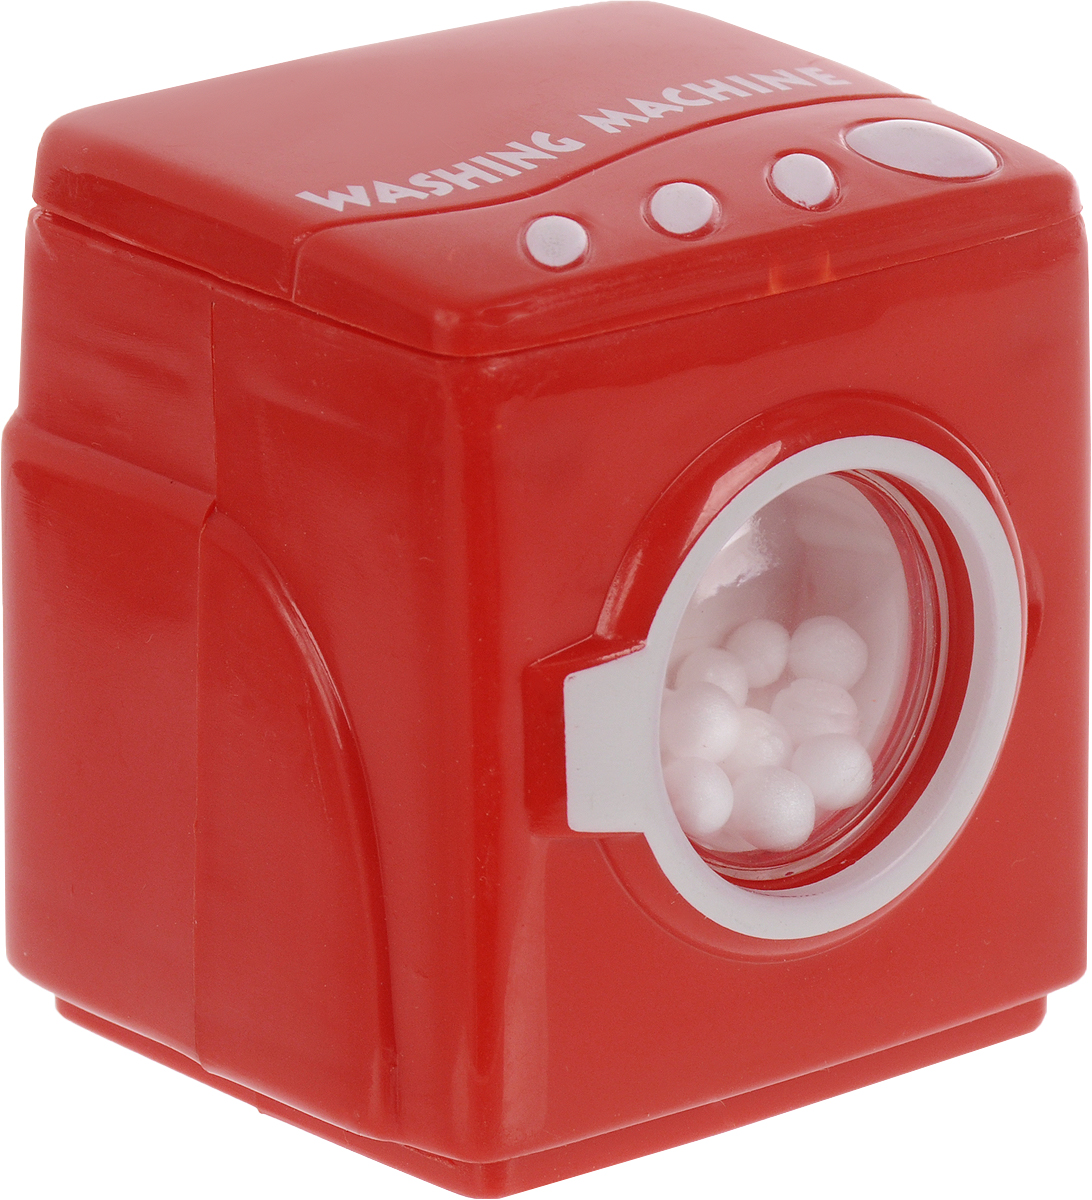 EstaBella Заводная игрушка Стиральная машинка цвет красный игрушечная бытовая техника estabella игровая микроволновая печь estabella